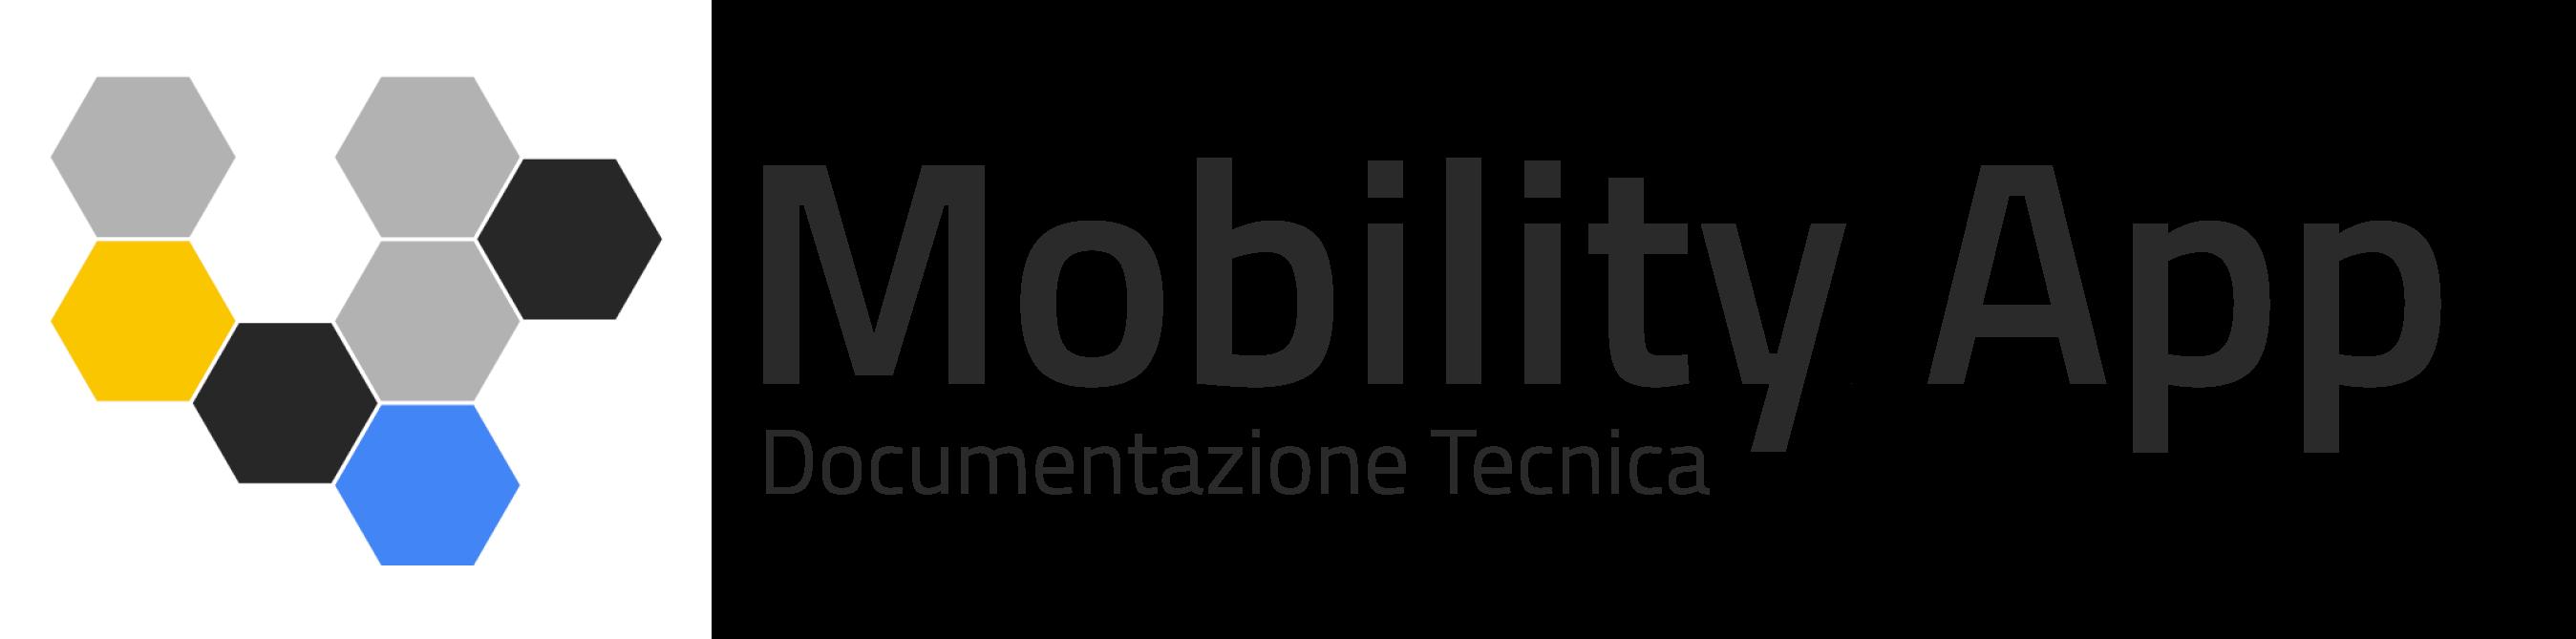 Mobility App Documentazione Tecnica